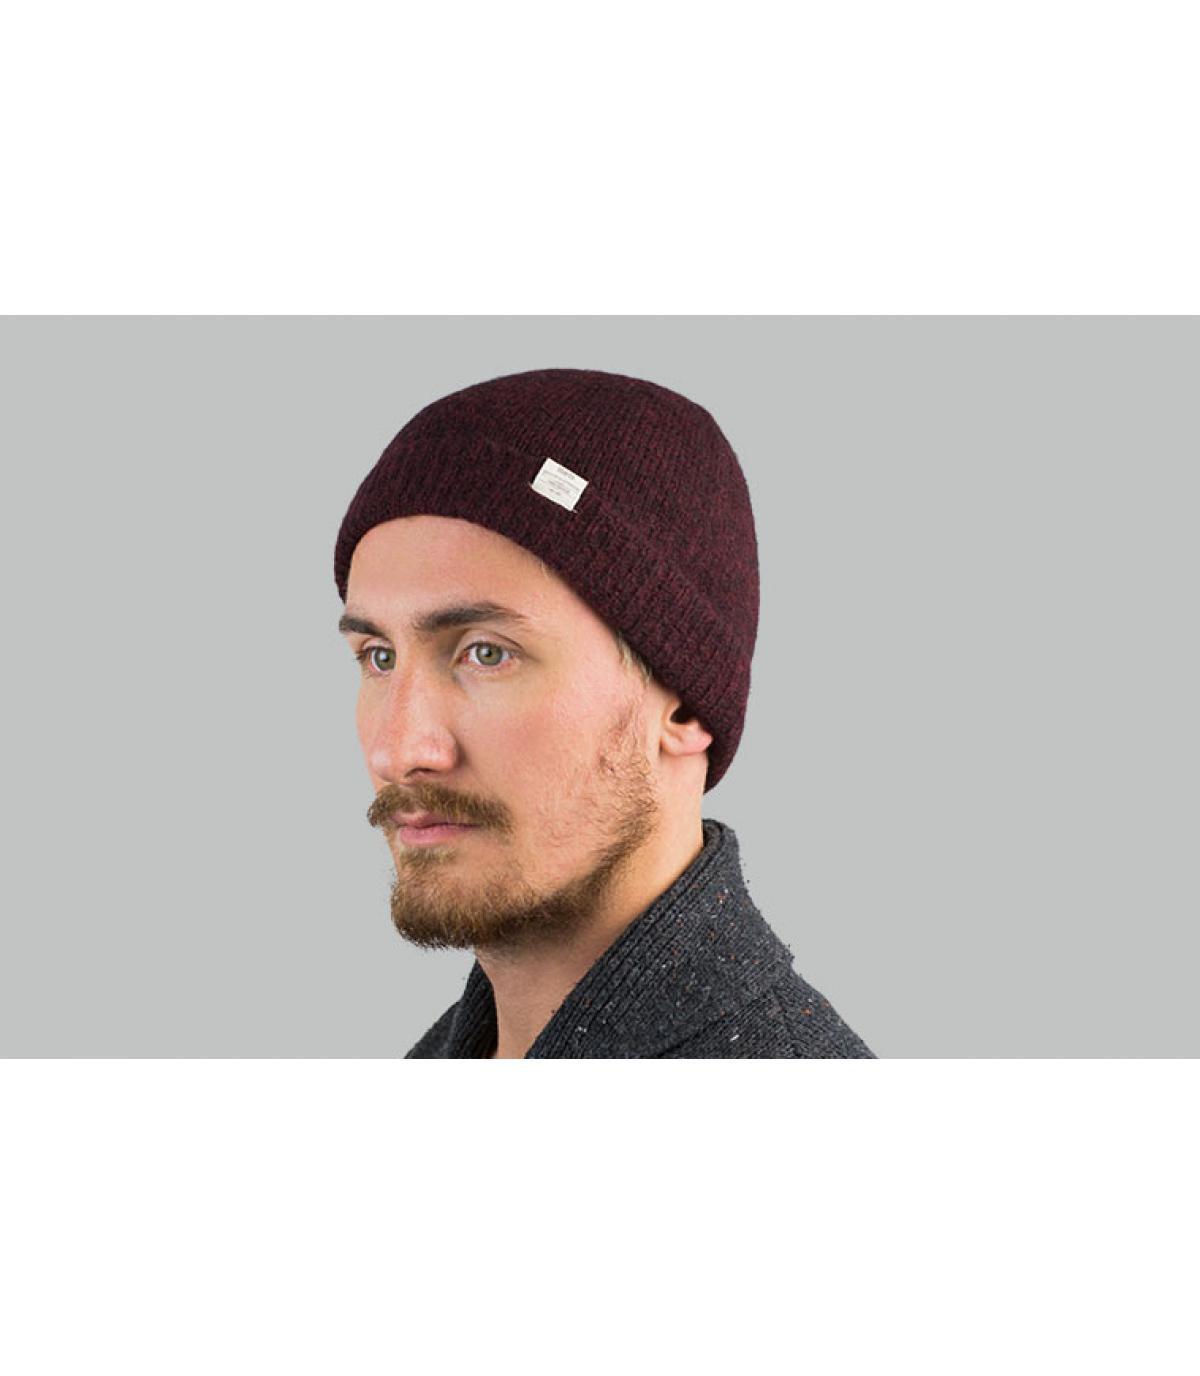 Mütze Alpaka bordeaux Barts